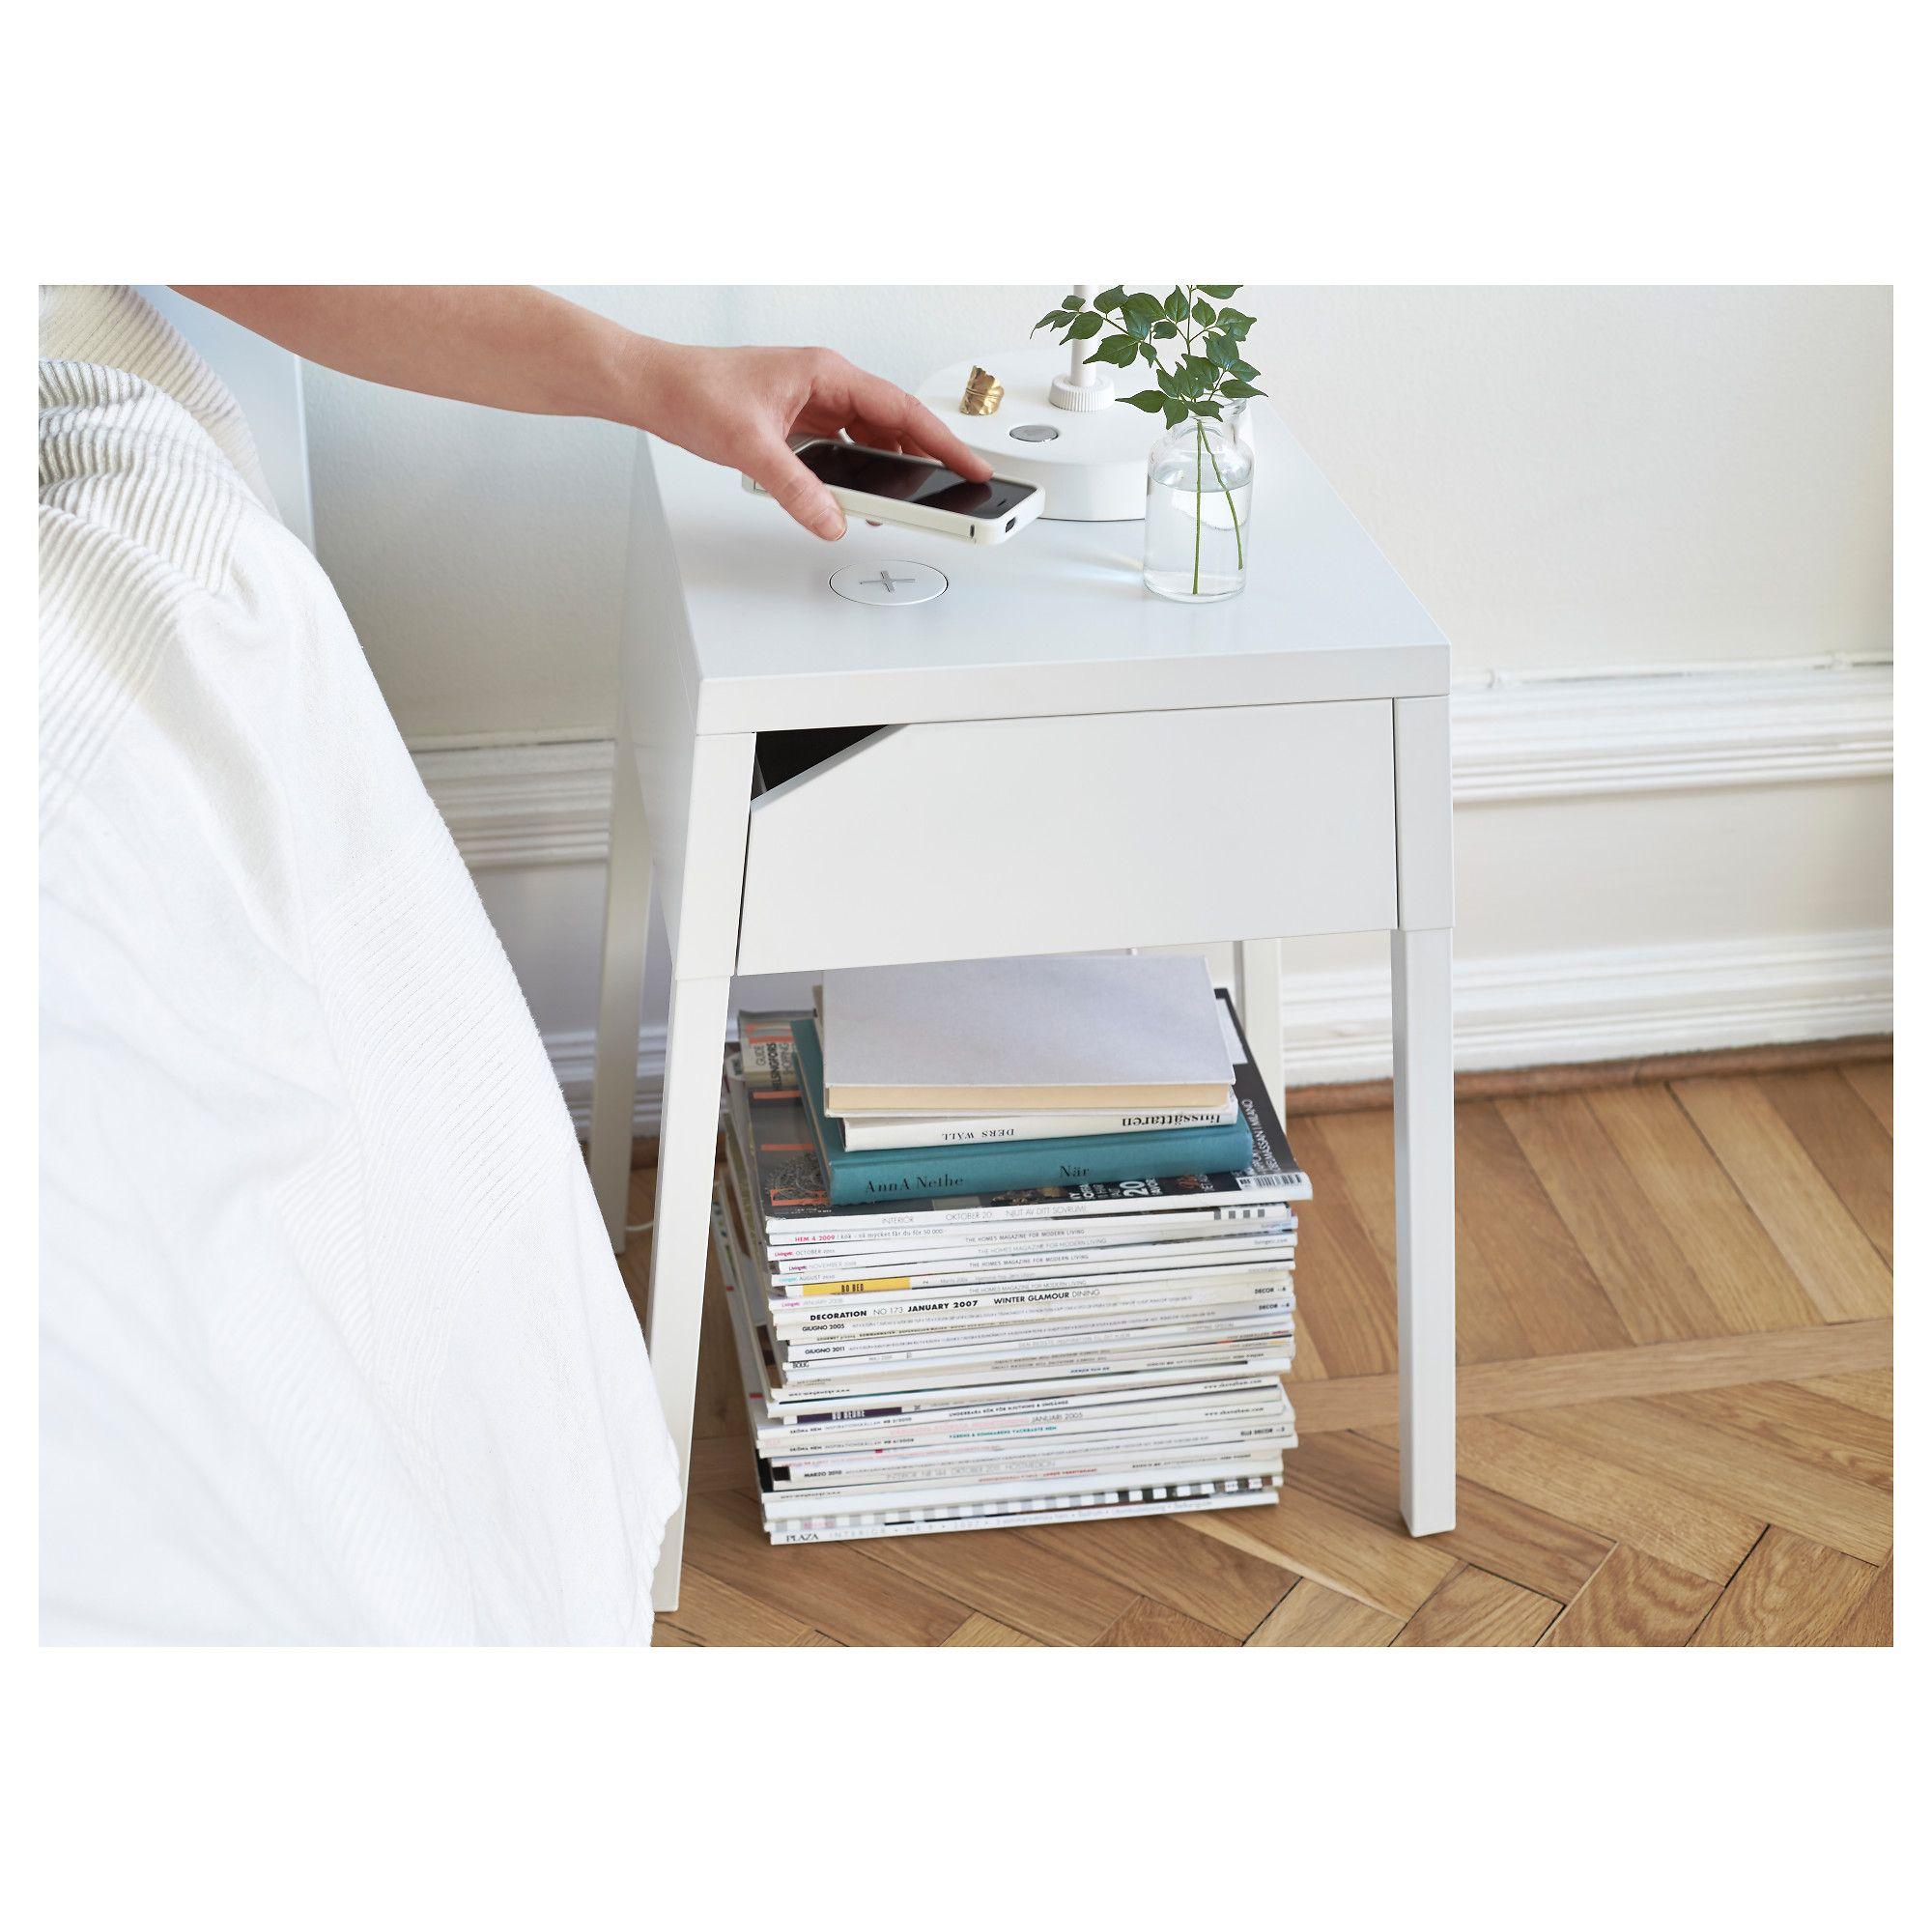 Ikea selje bedside table w wireless charging girls room